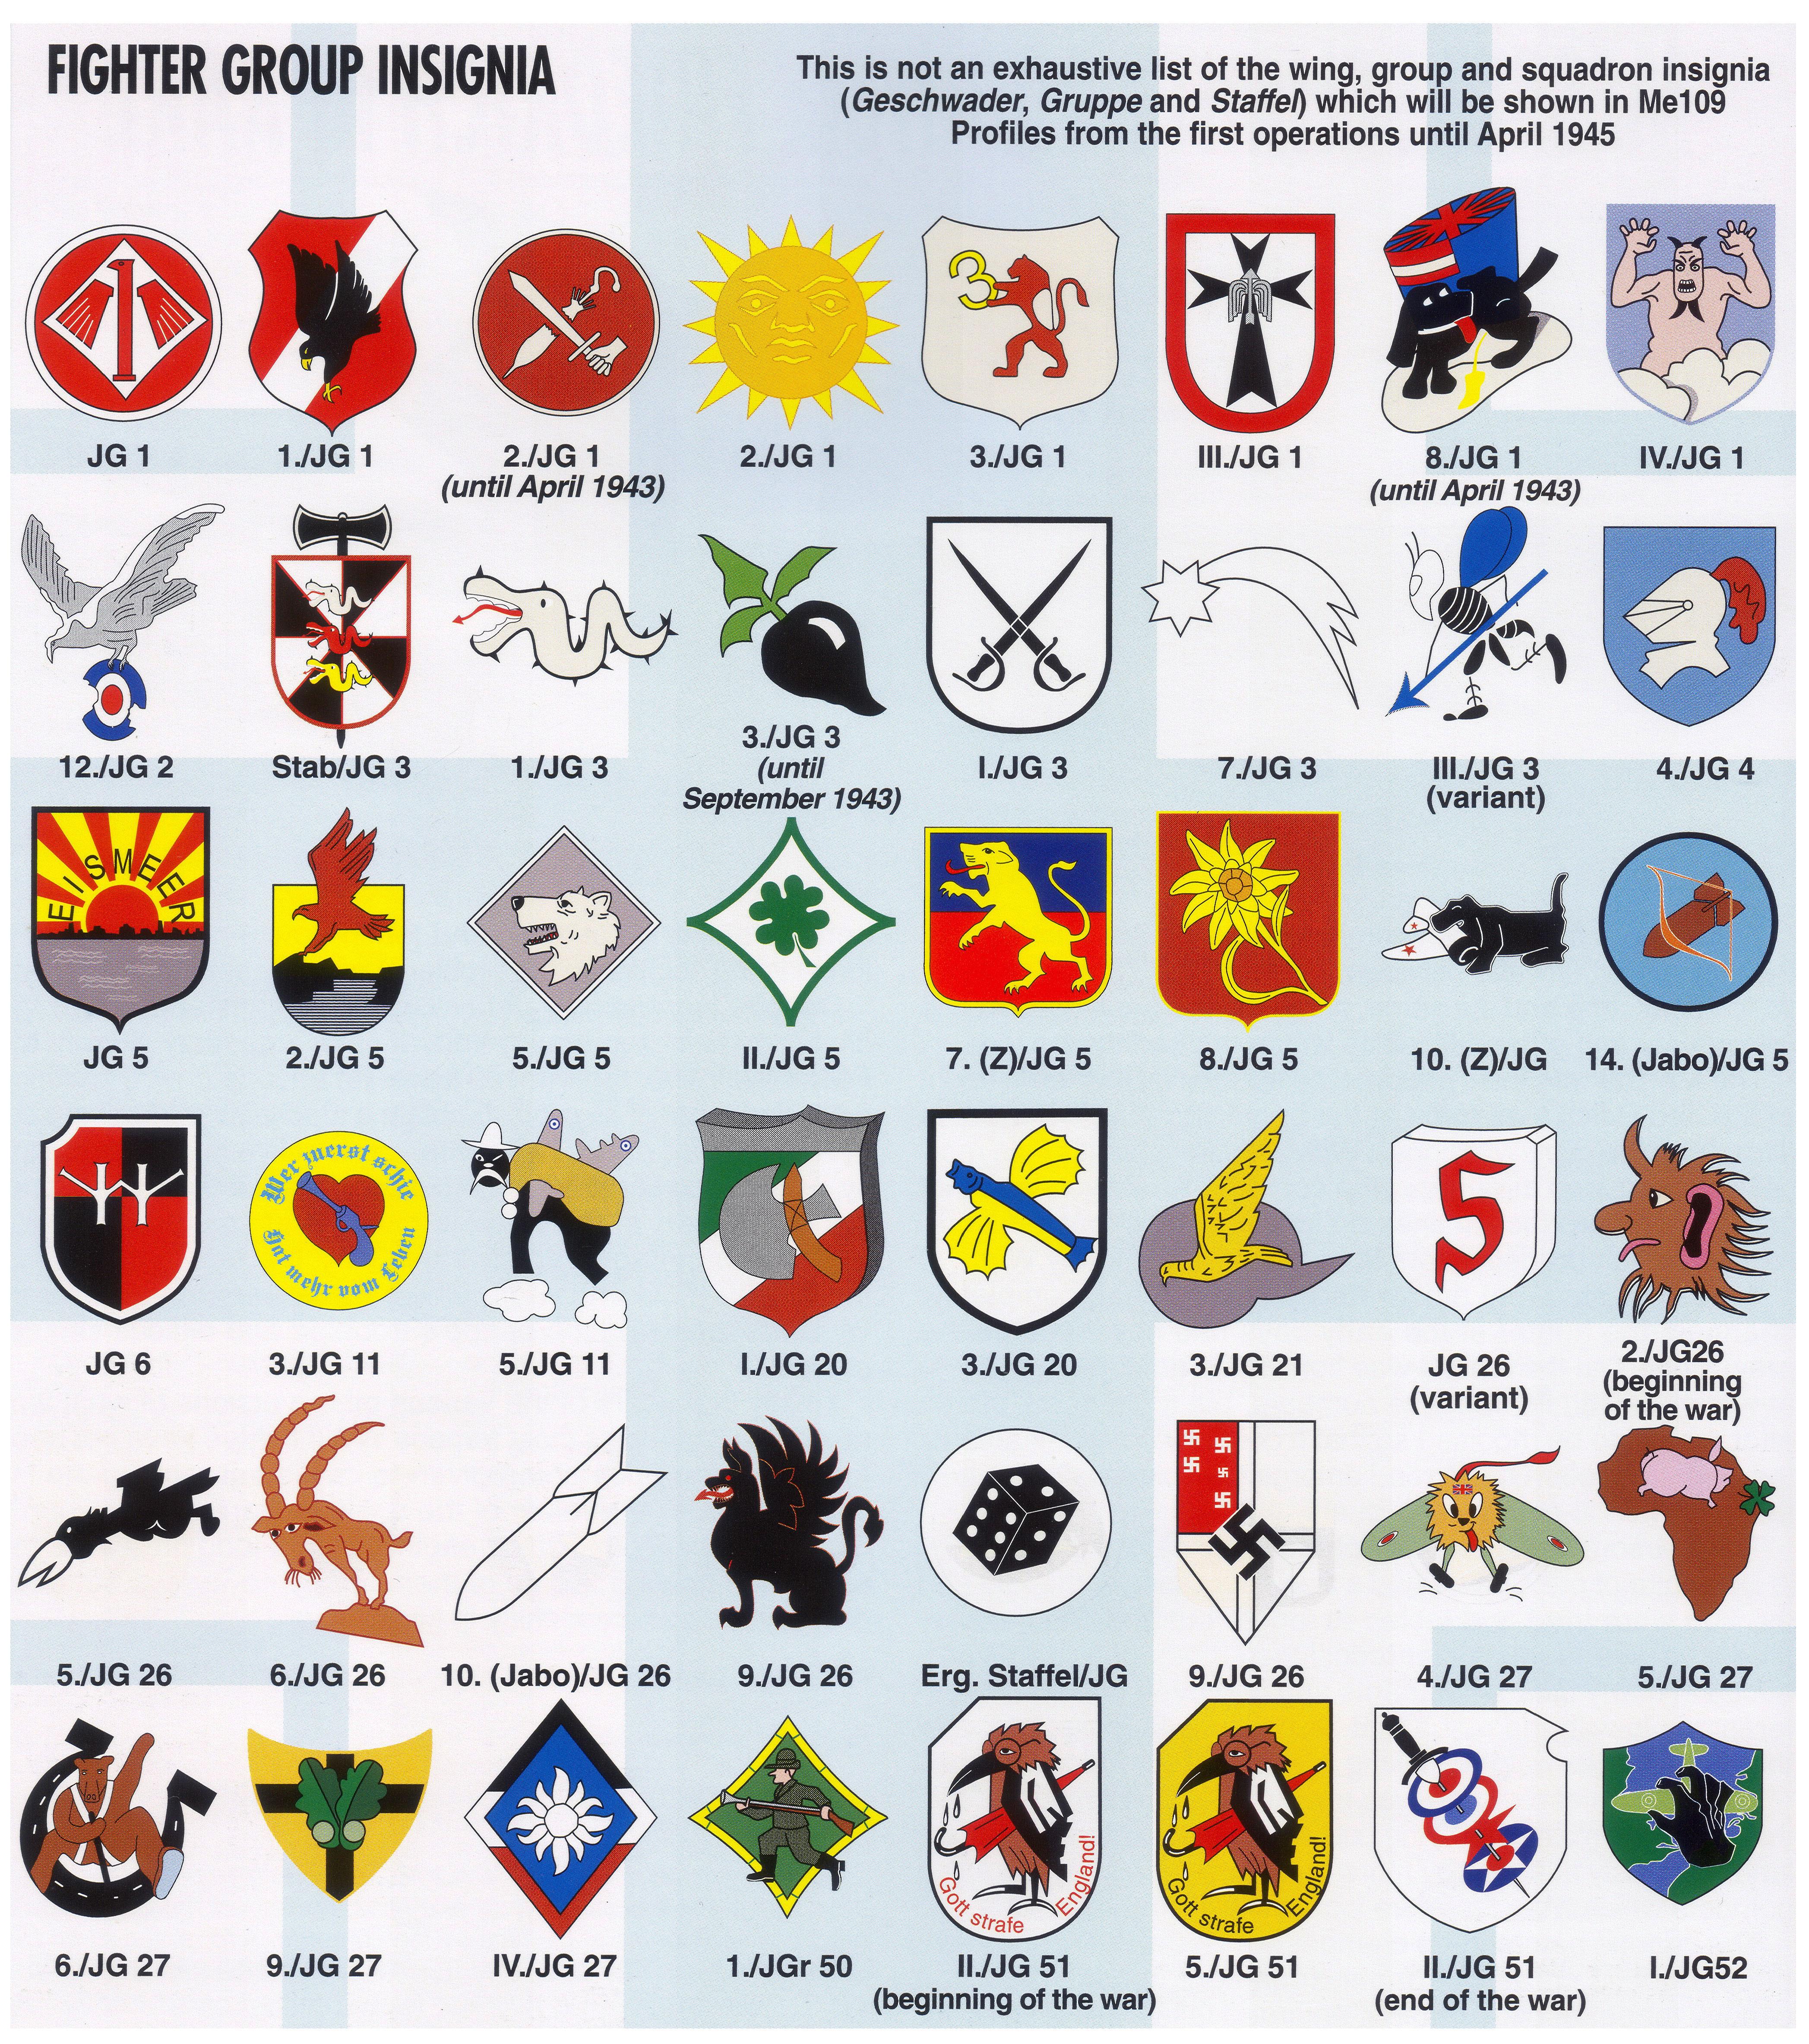 Art Geschwader Gruppe and staffel emblem profiles 03